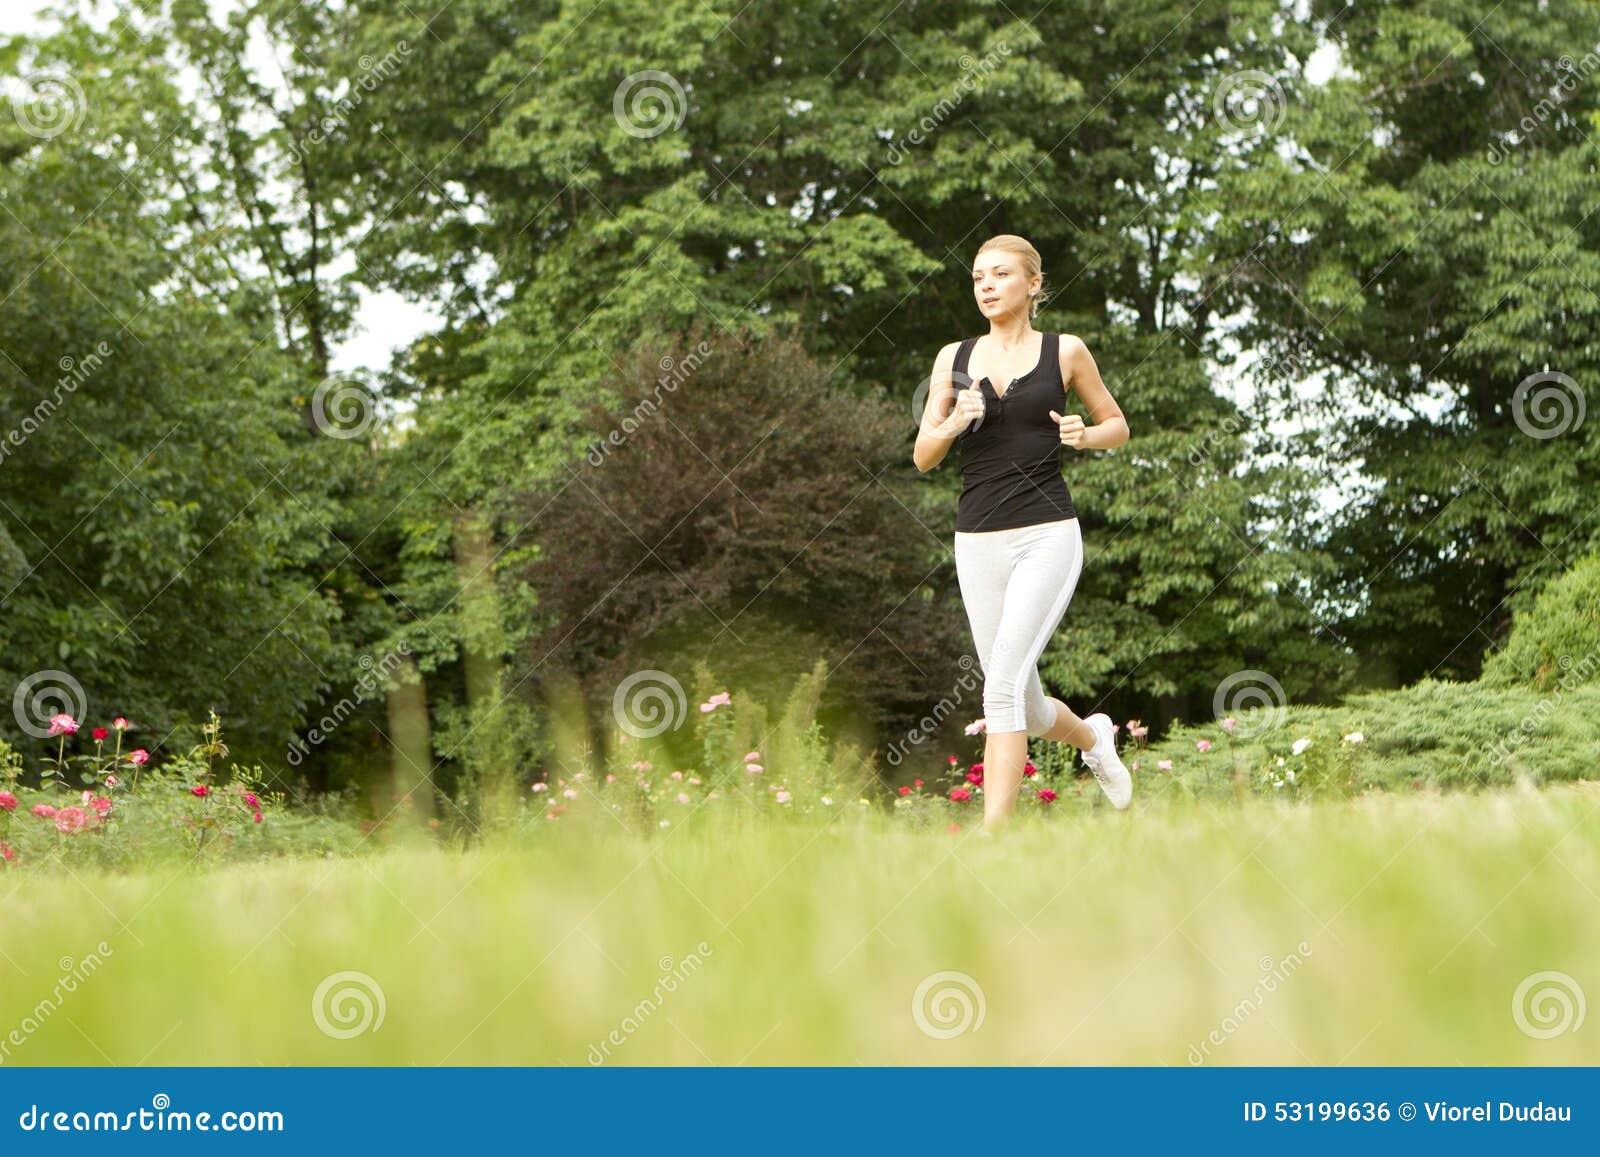 嬉戏妇女赛跑